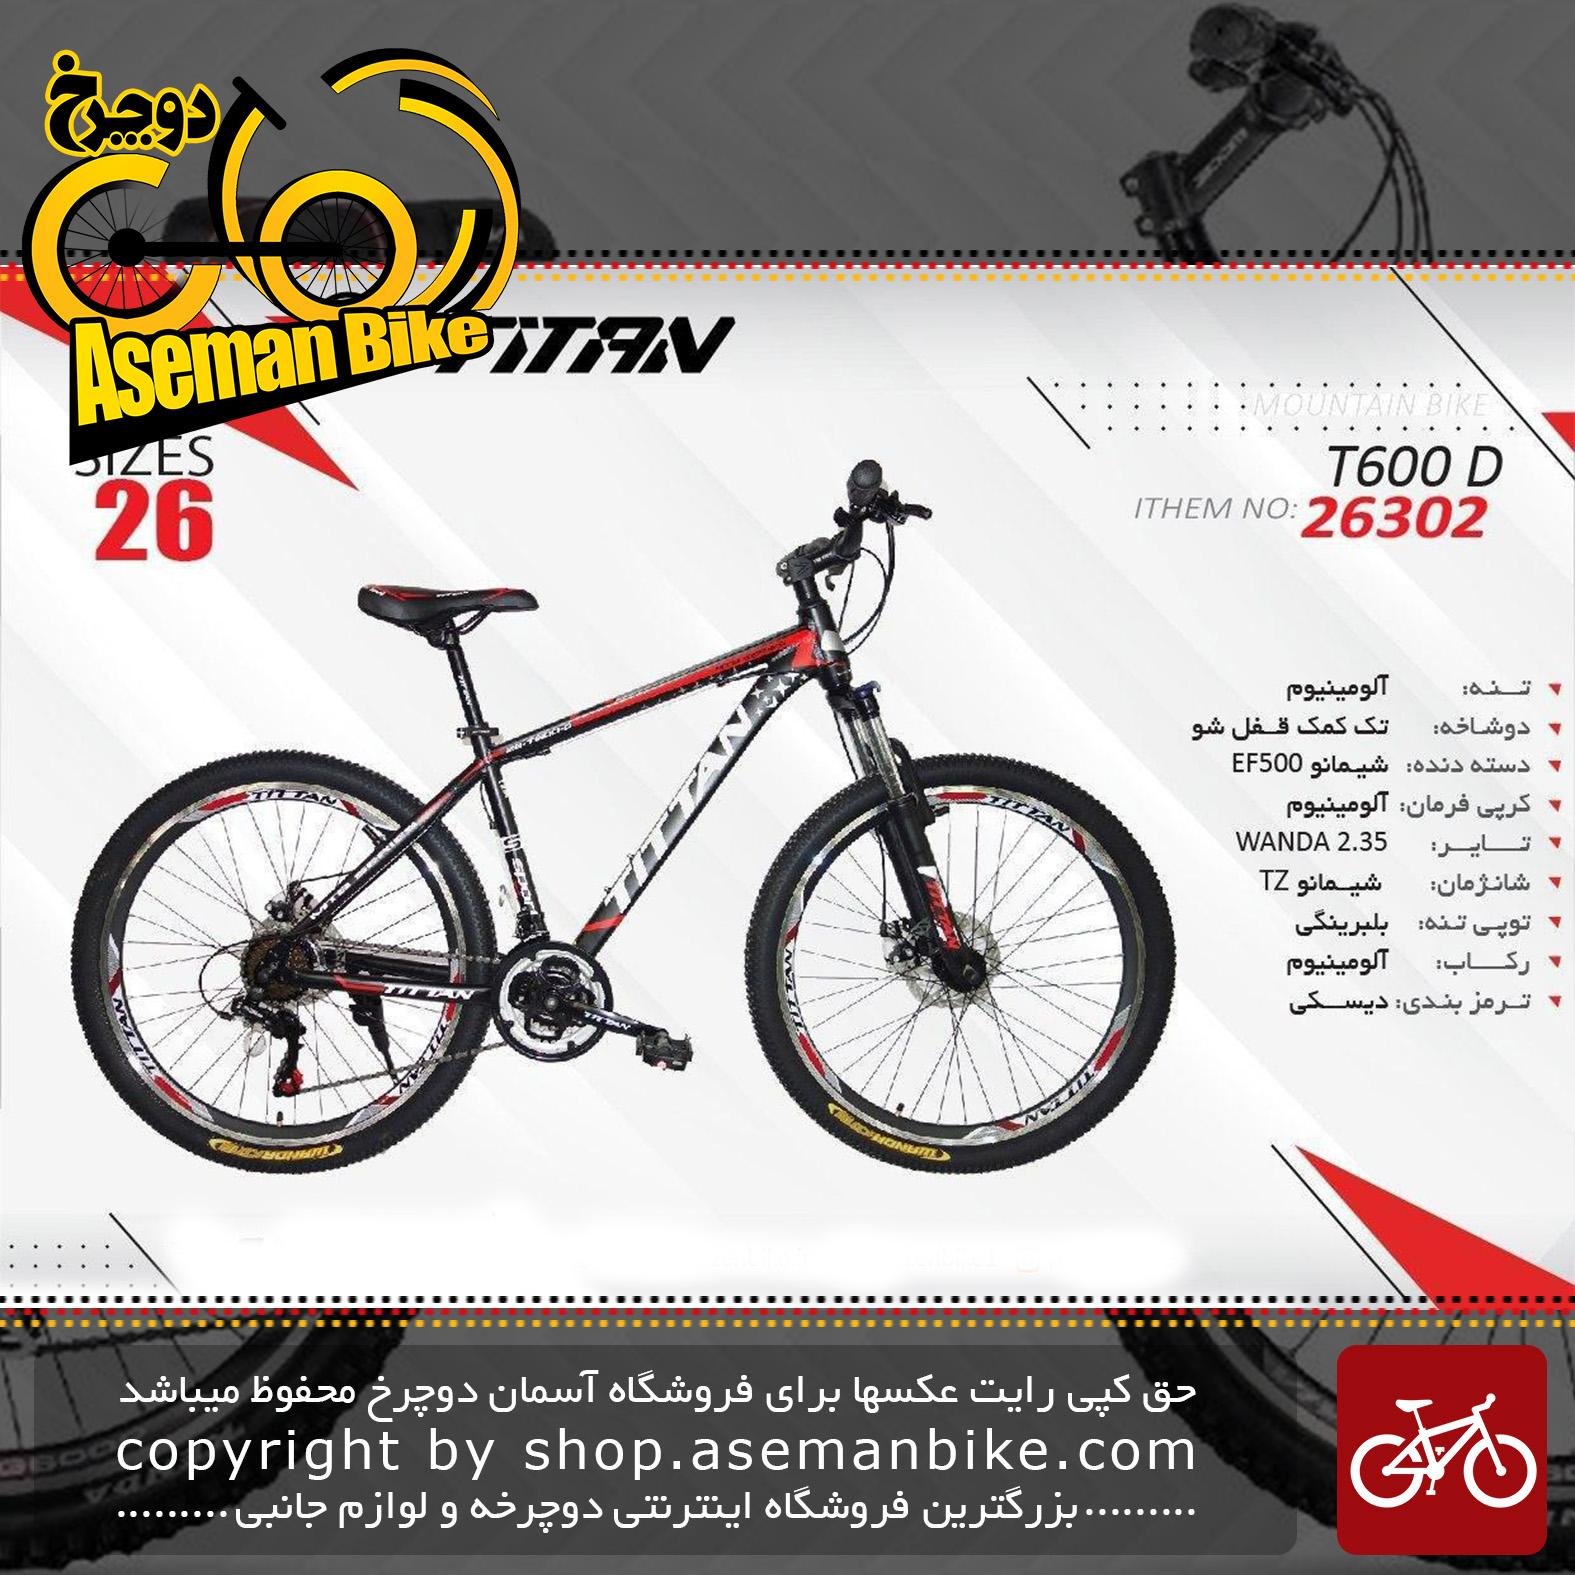 دوچرخه کوهستان تایتان سایز 26 ویبرک مدل تی 600 دی 2019 TITAN Bicycle Size 26 T600 D